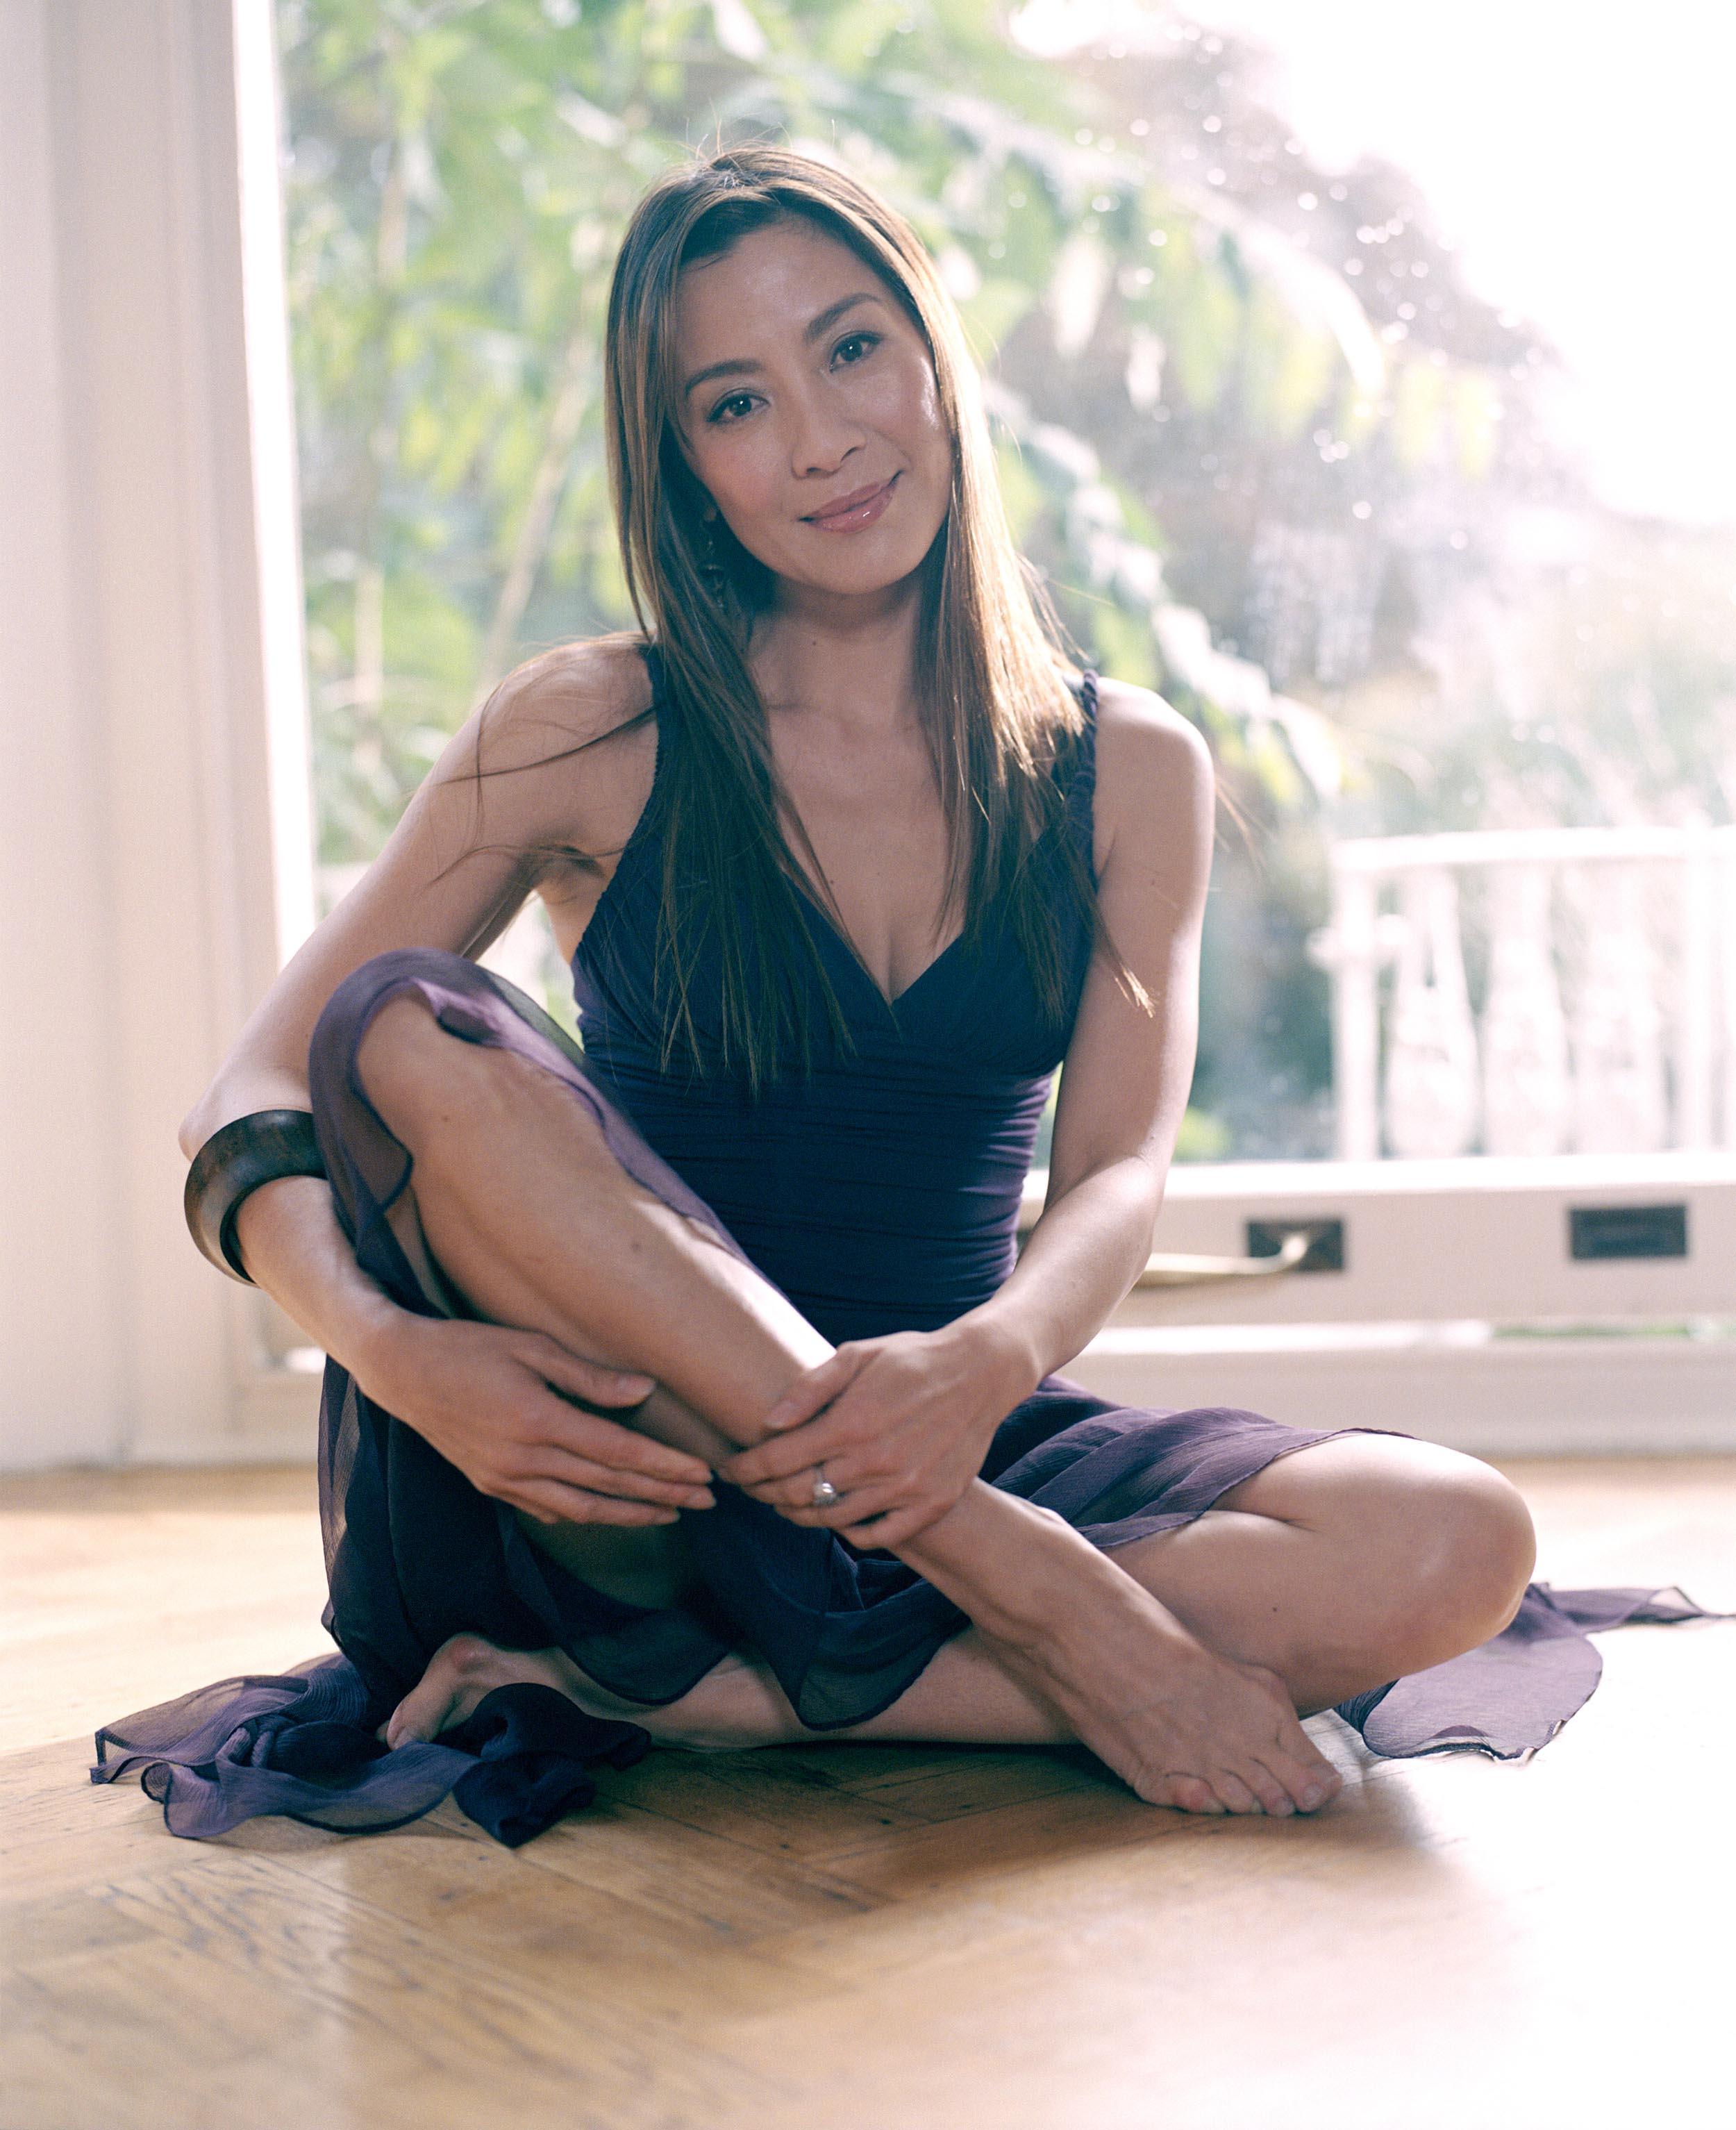 http://media.filmz.ru/photos/full/filmz.ru_f_180371.jpg